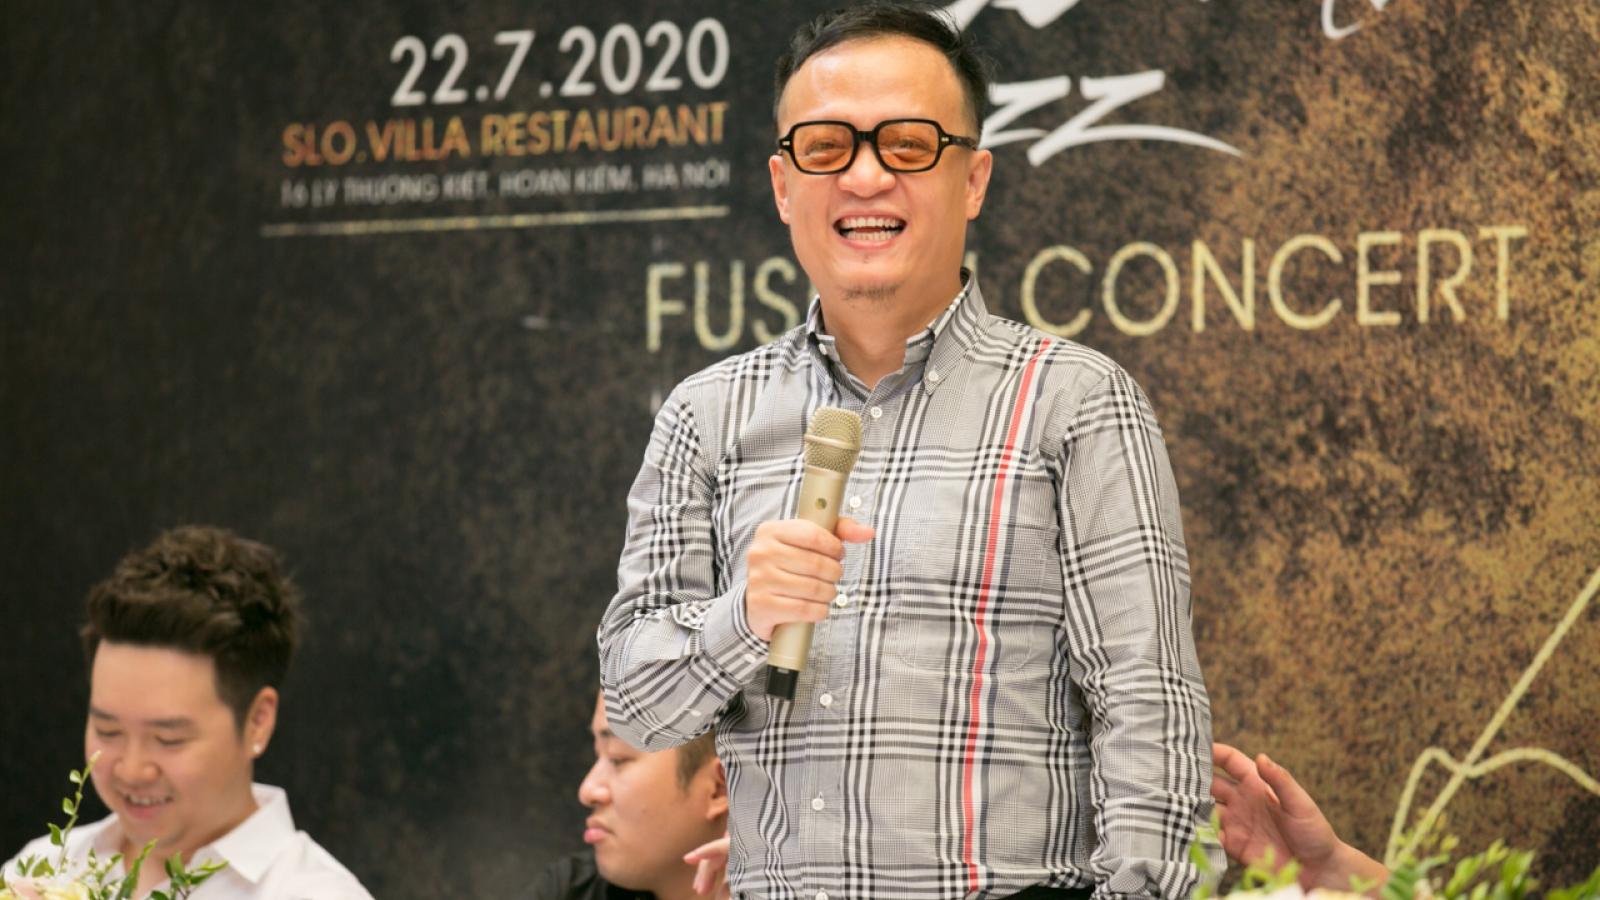 Pianist Tuấn Nam mời Tùng Dương, Lê Hiếu, Hà Lê hát Jazz